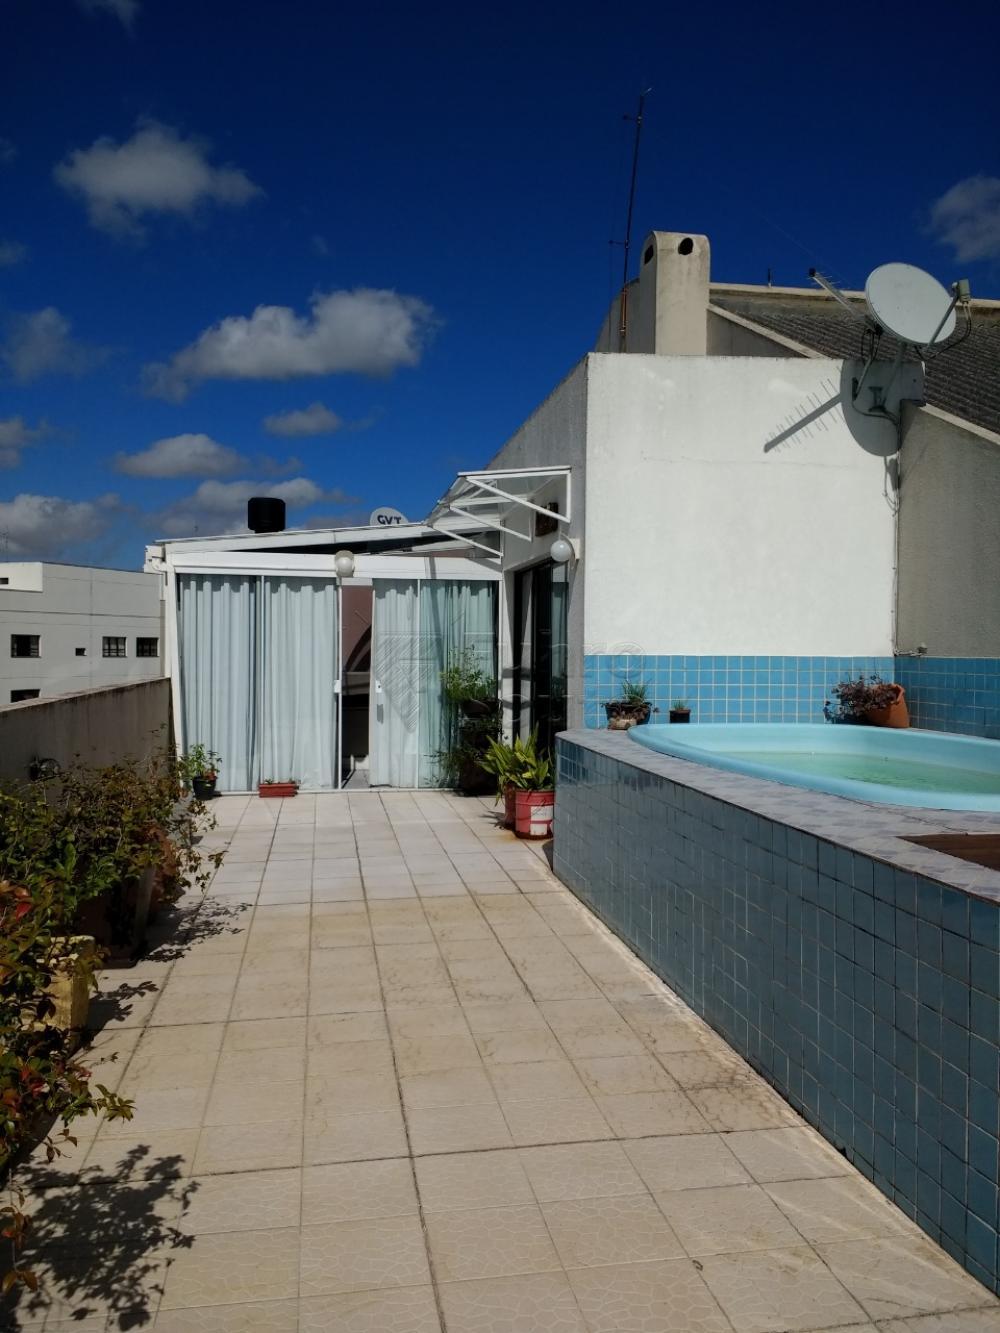 Comprar Apartamento / Cobertura em Pelotas R$ 750.000,00 - Foto 8